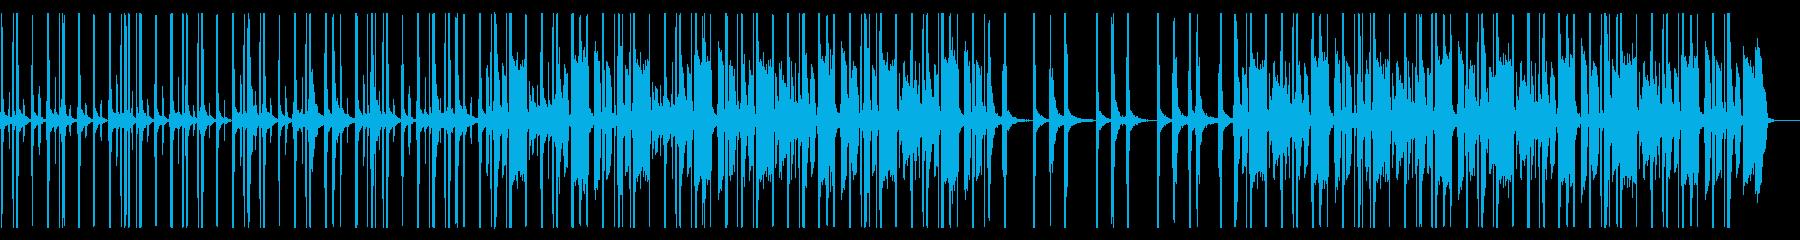 クラップとギターでおしゃれ CMなどにの再生済みの波形